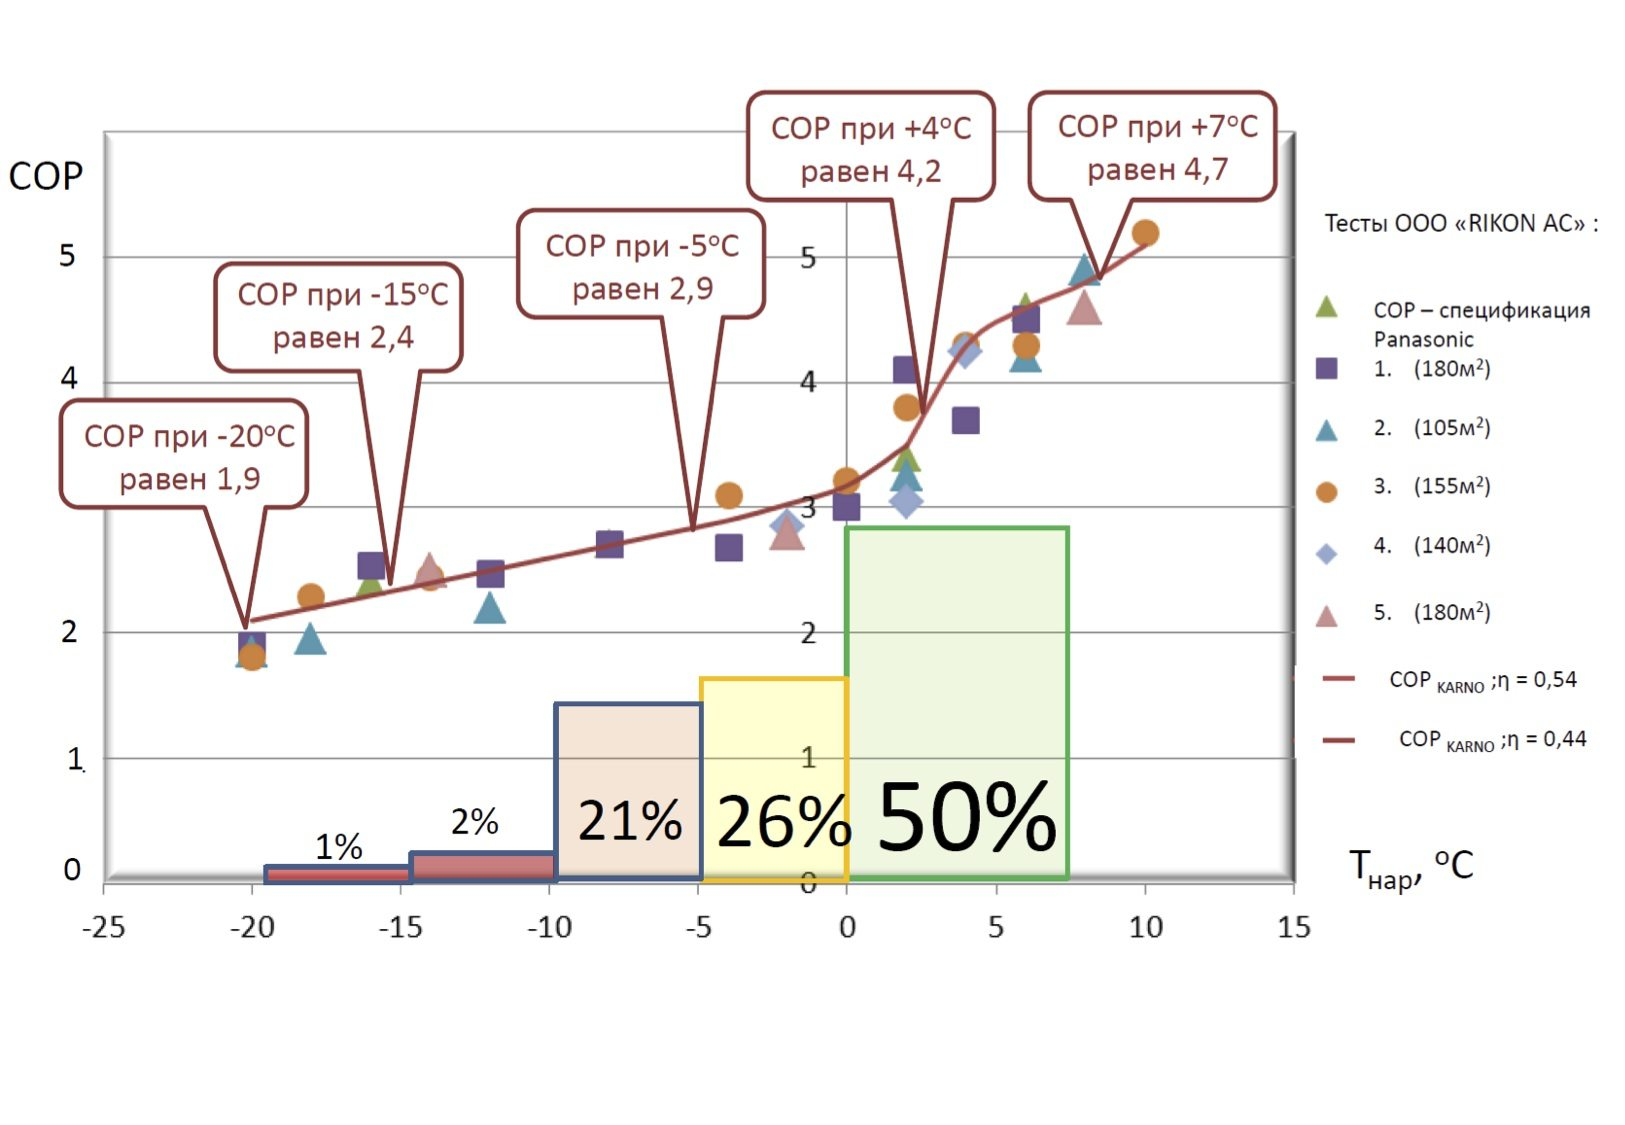 Зависимость COP теплового насоса от температуры среды-источника тепла при неизменной температуре внутри дома.